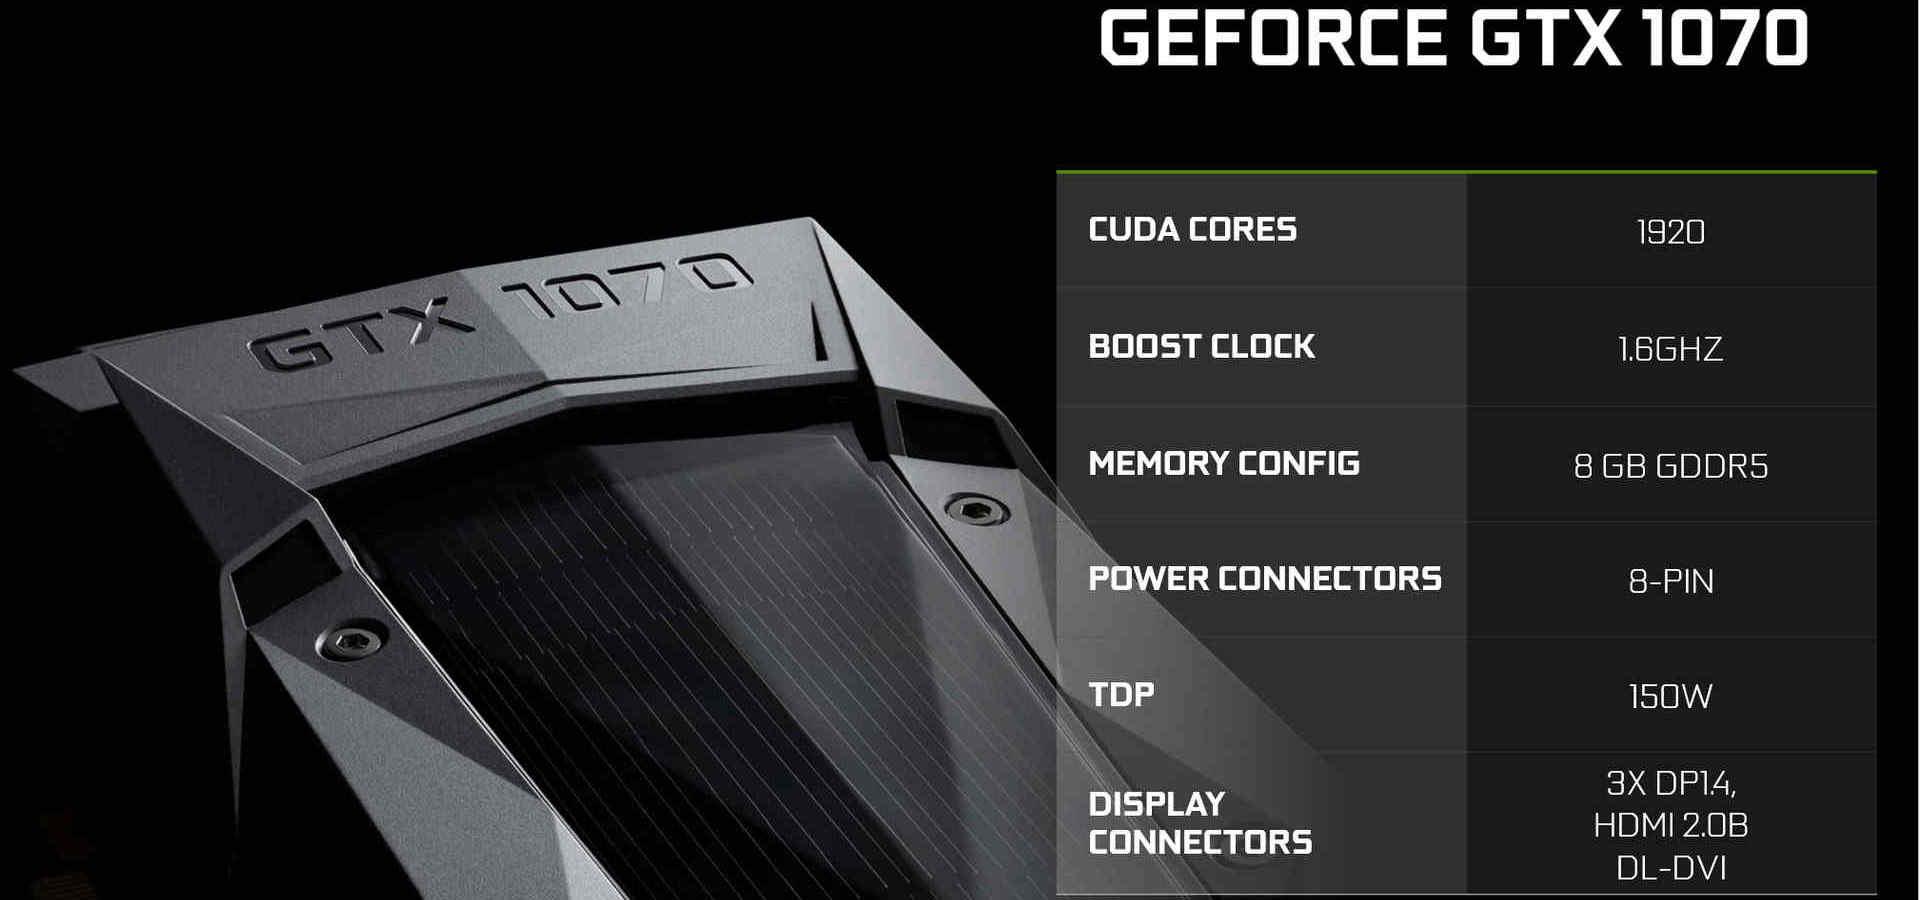 gtx 1070 specs